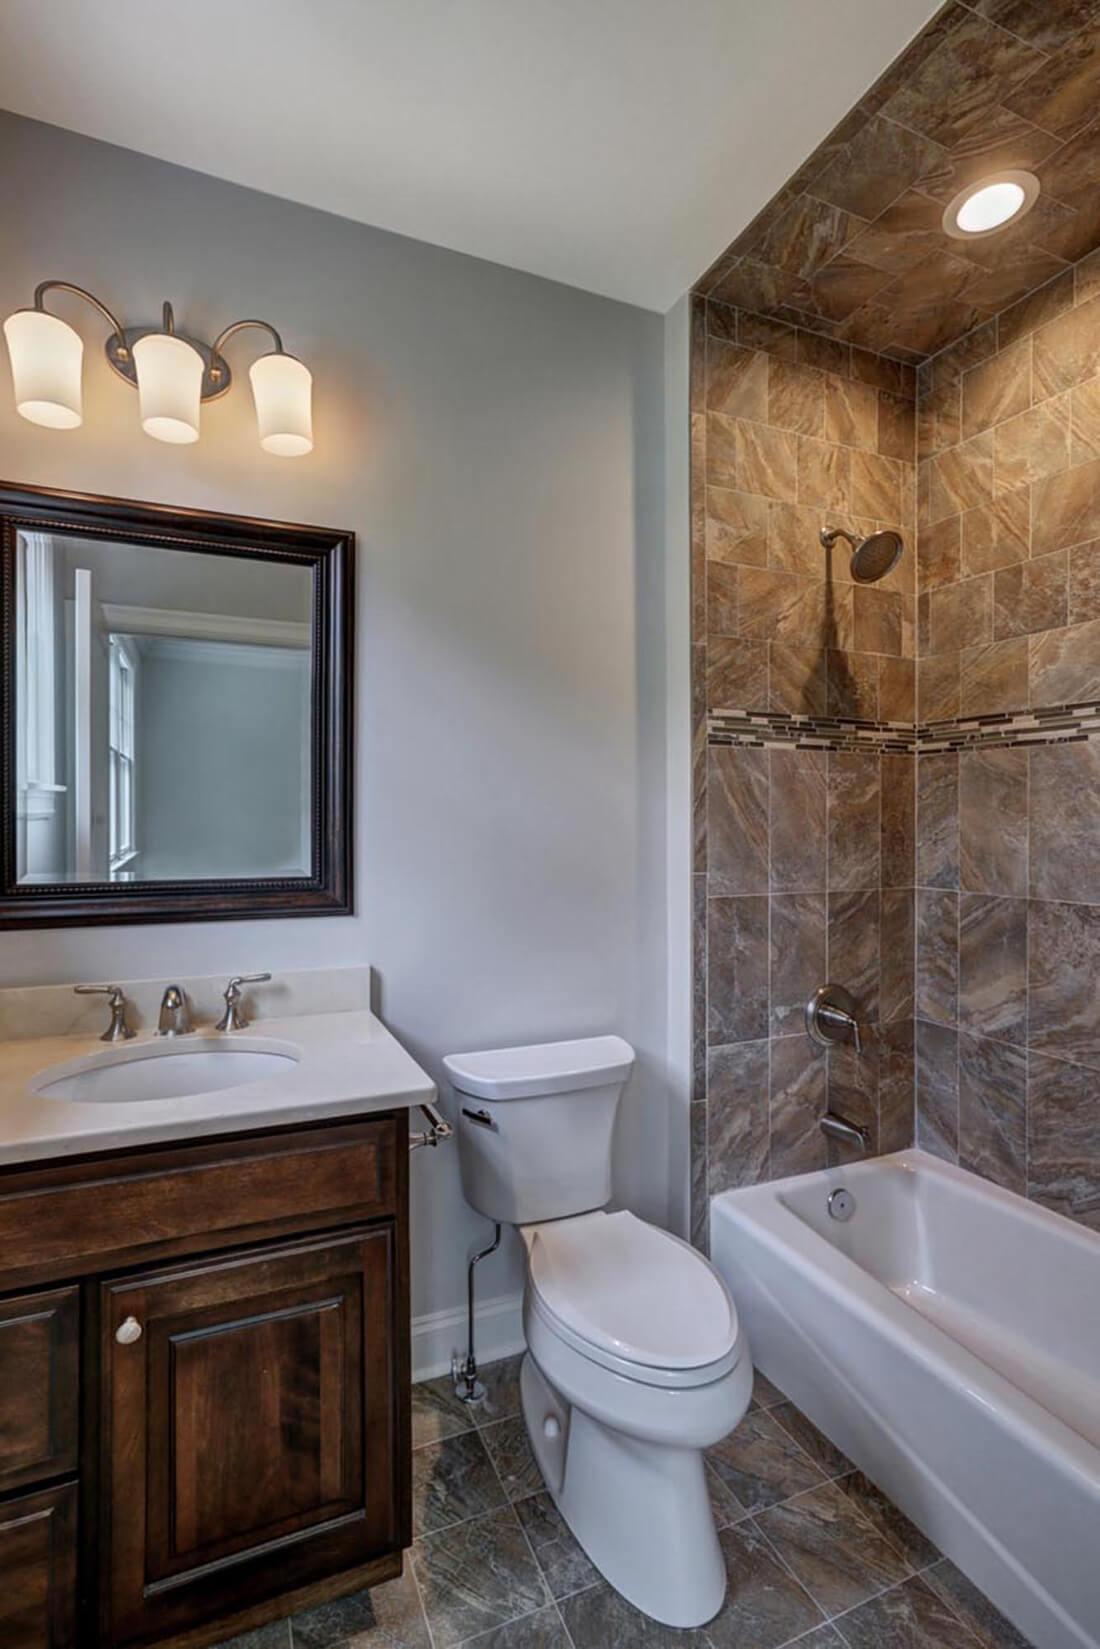 14 Wychview 1st Floor Bedroom Bathroom